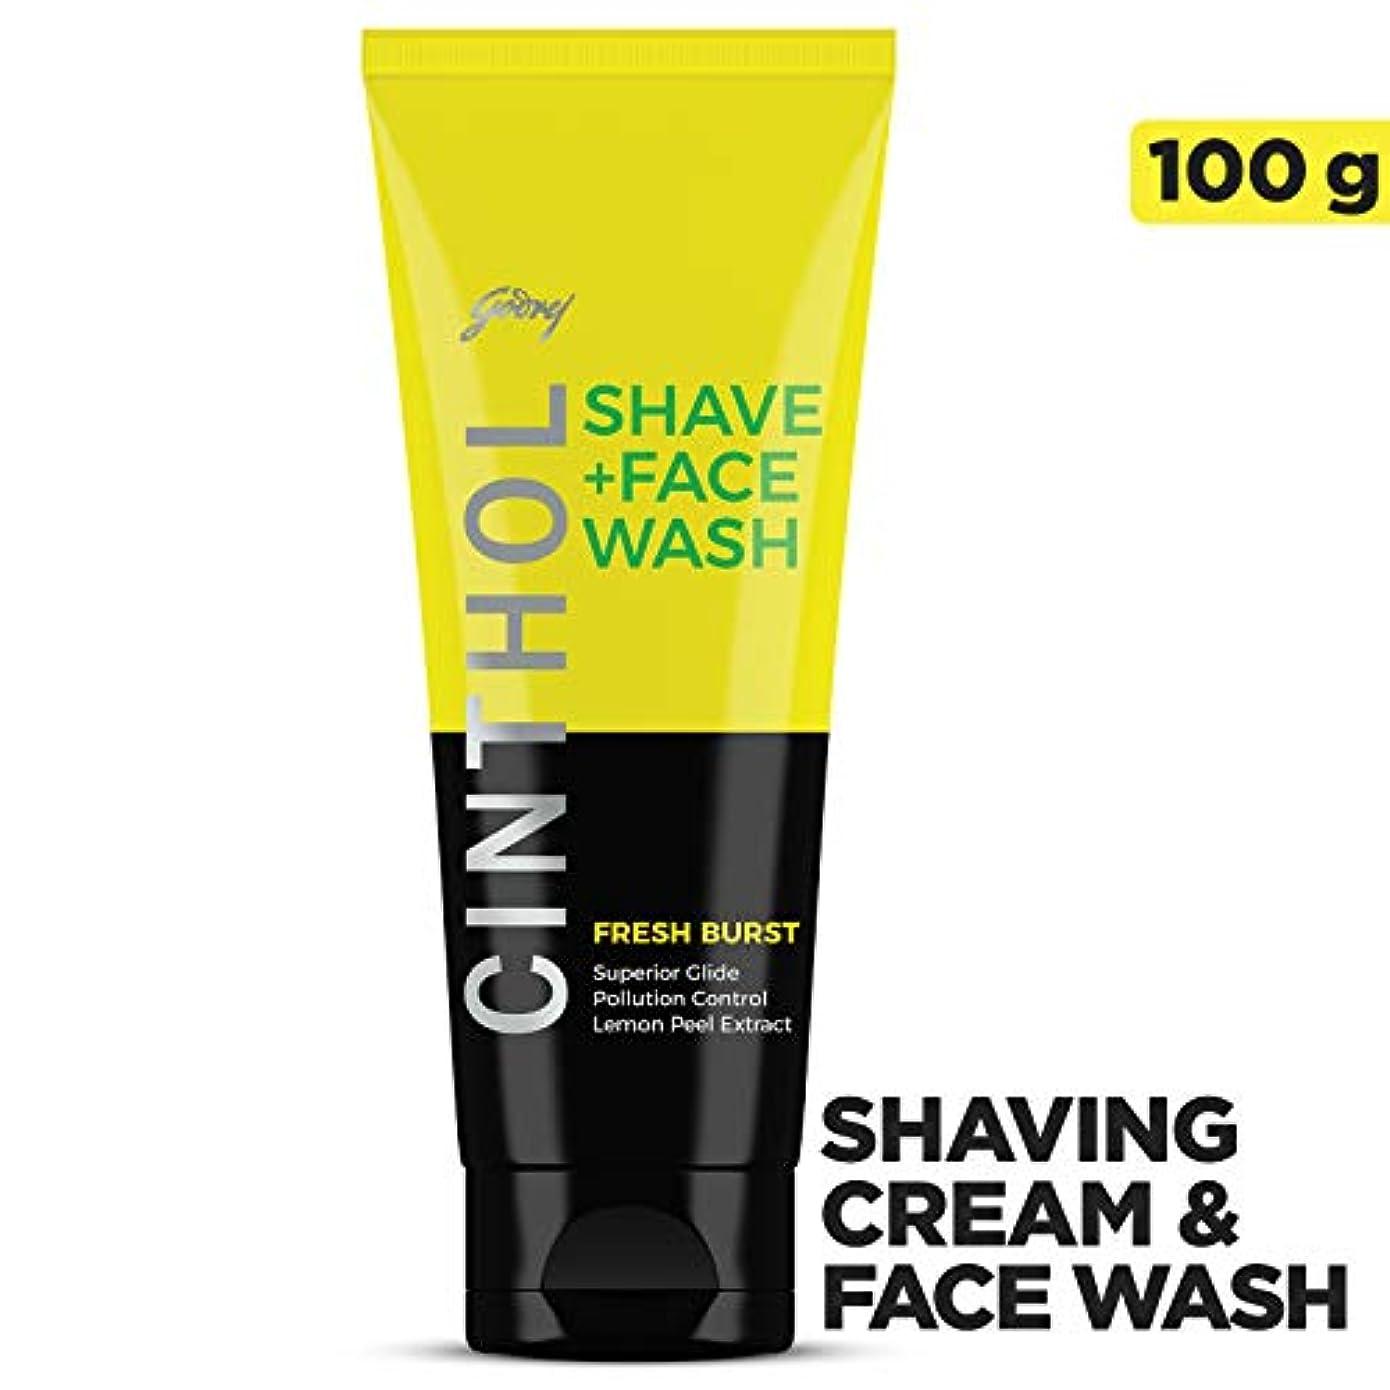 限りなくしたい住むCinthol Fresh Burst Shaving + Face Wash, 100g